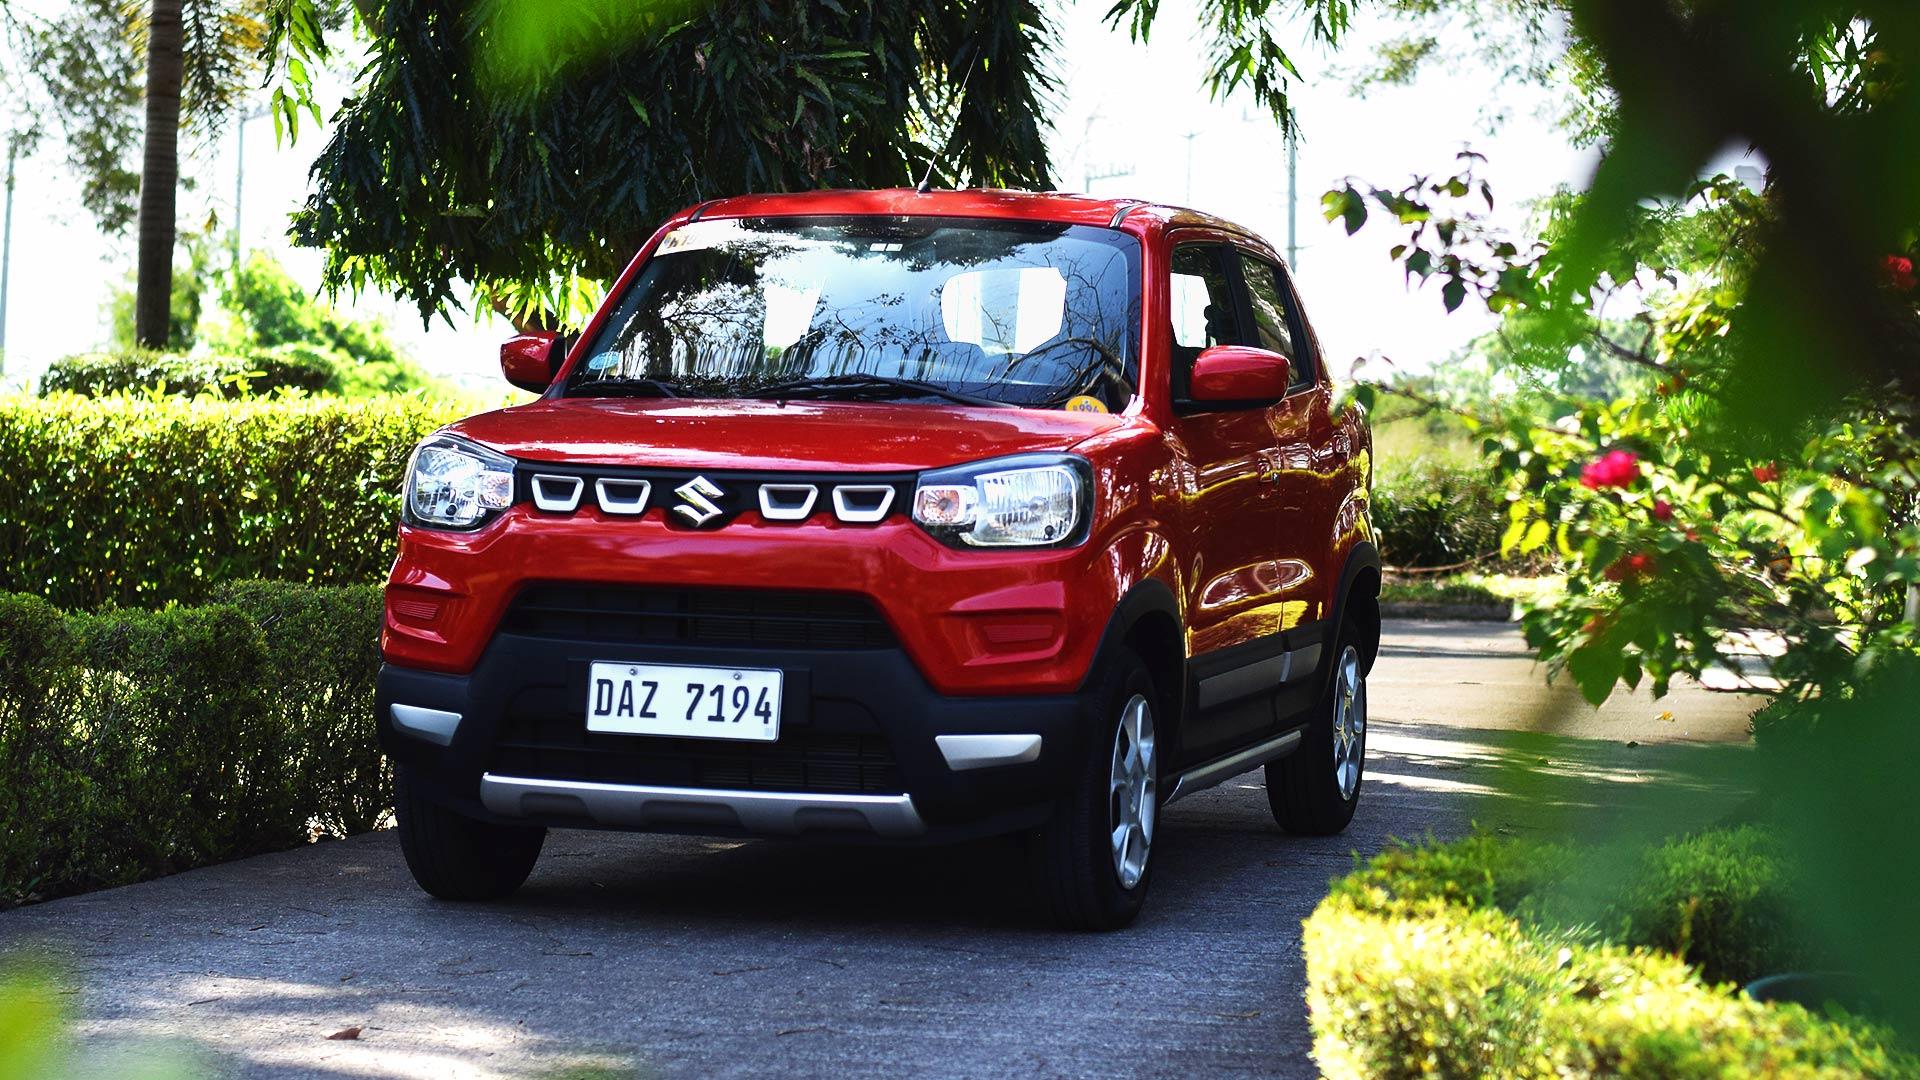 The Suzuki S-Presso front view parked